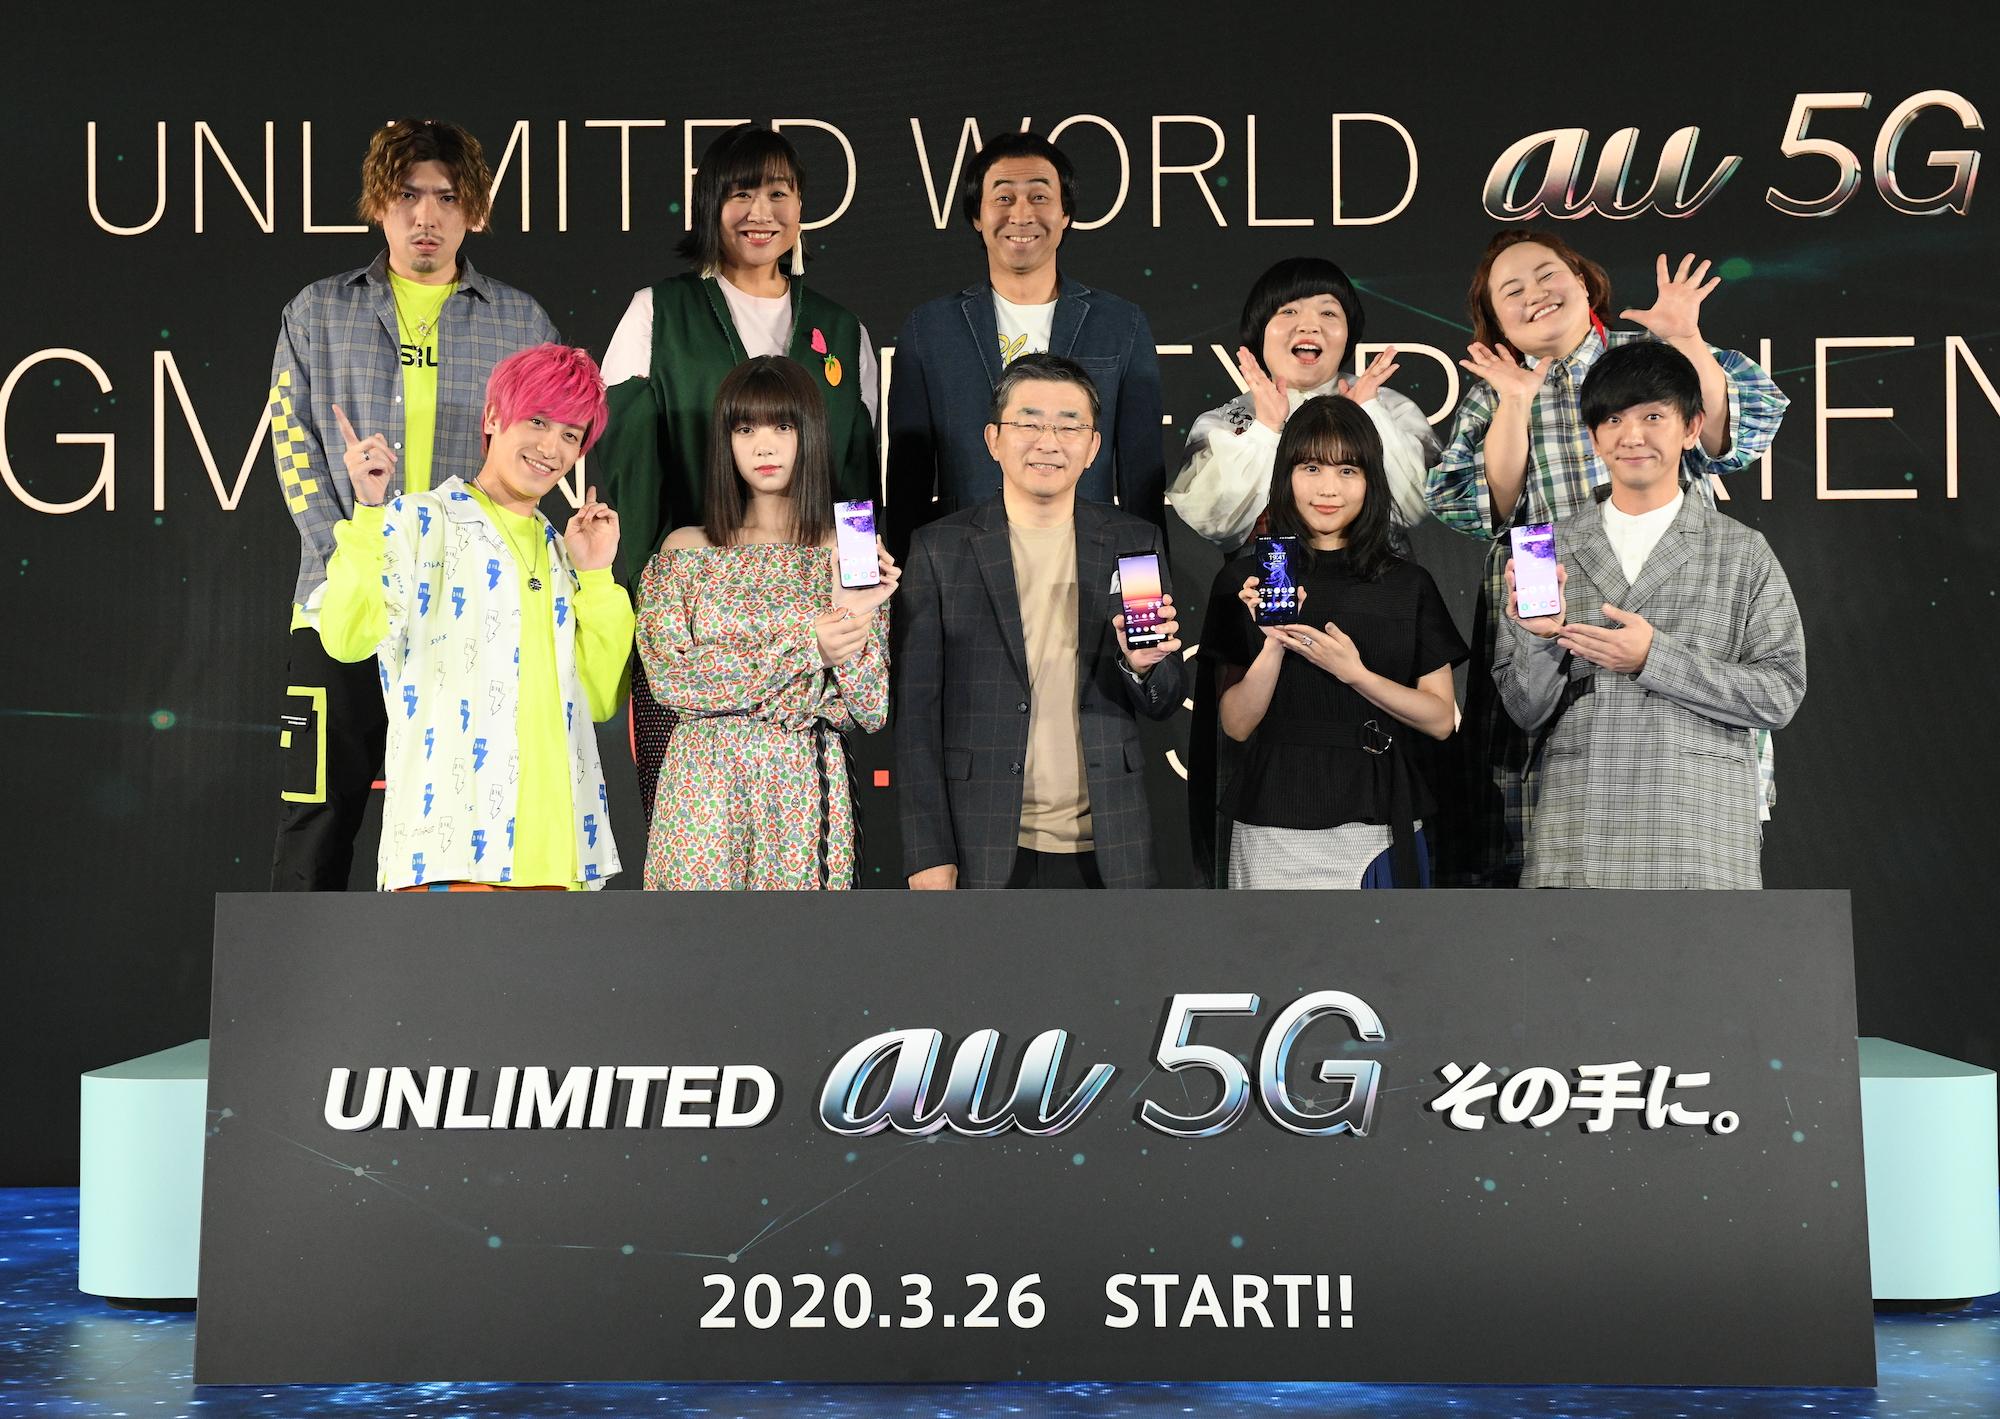 有村架純、池田エライザ ら/「UNLIMITED WORLD au 5G 発表会」(2020年3月23日)にて。